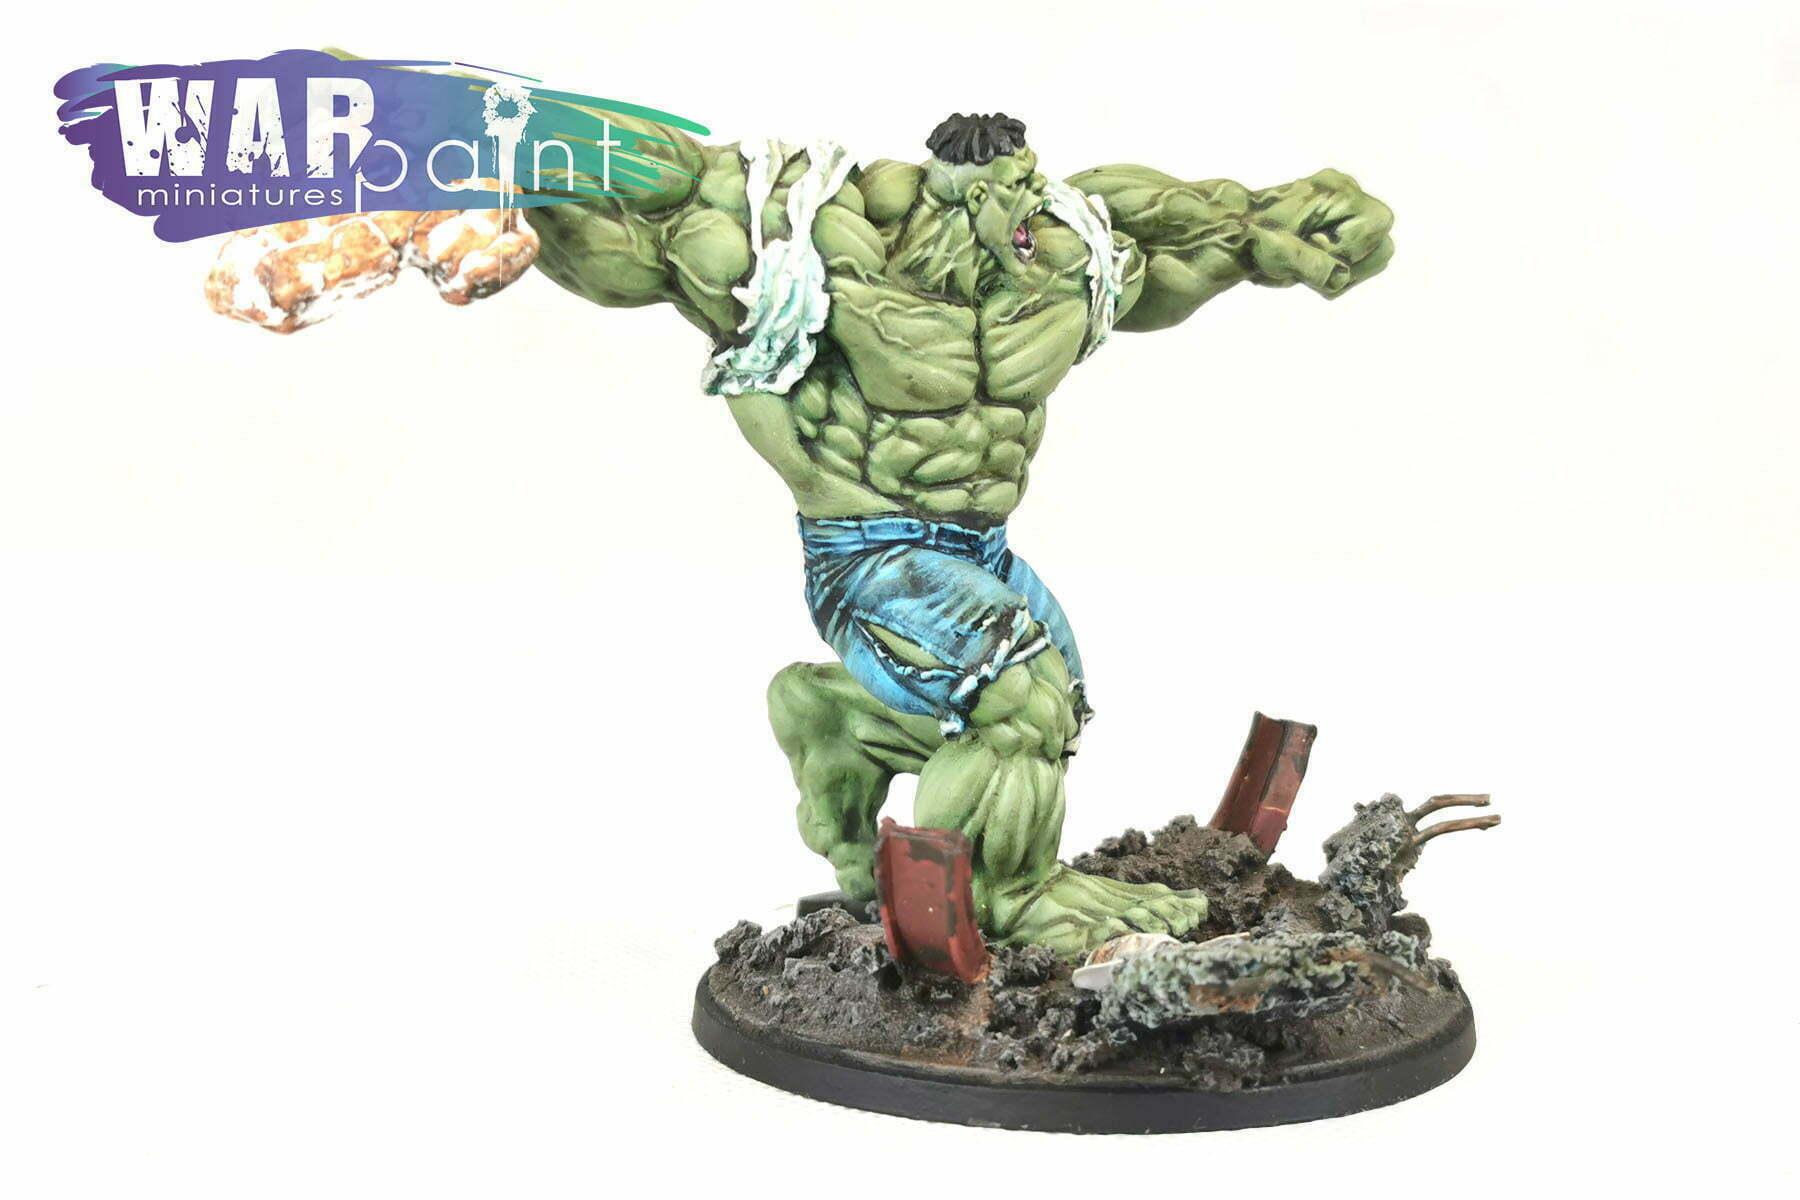 The-Hulk-web-optimised-2